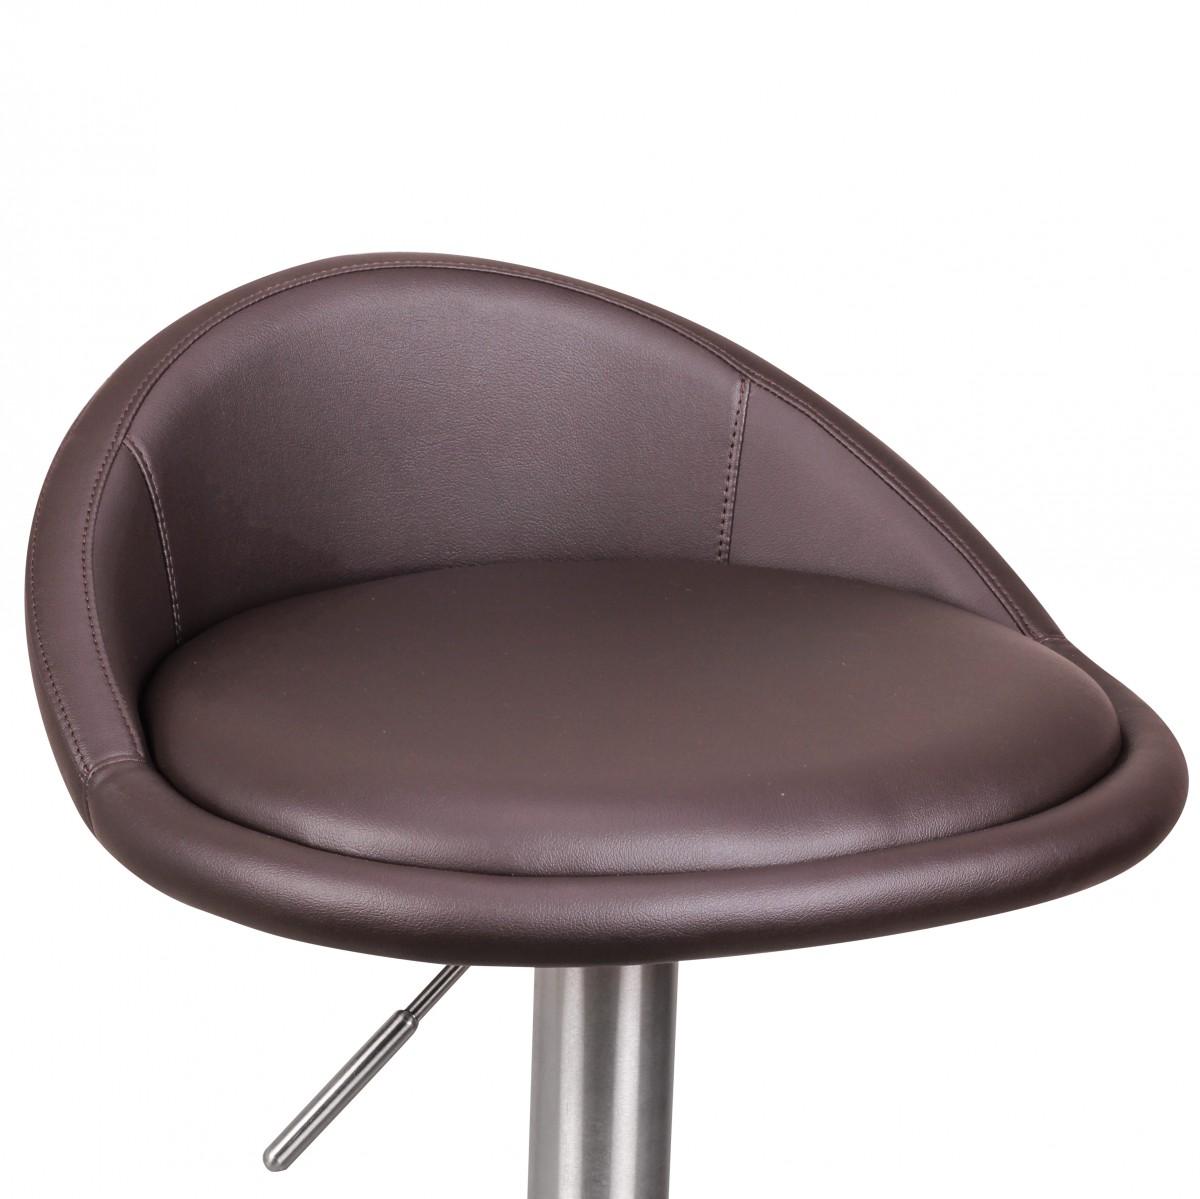 Wohnling Barhocker Wl1 602 Braun Edelstahl Hohenverstellbare Sitzhohe 54 79 Cm Design Barstuhl Mit Ruckenlehne